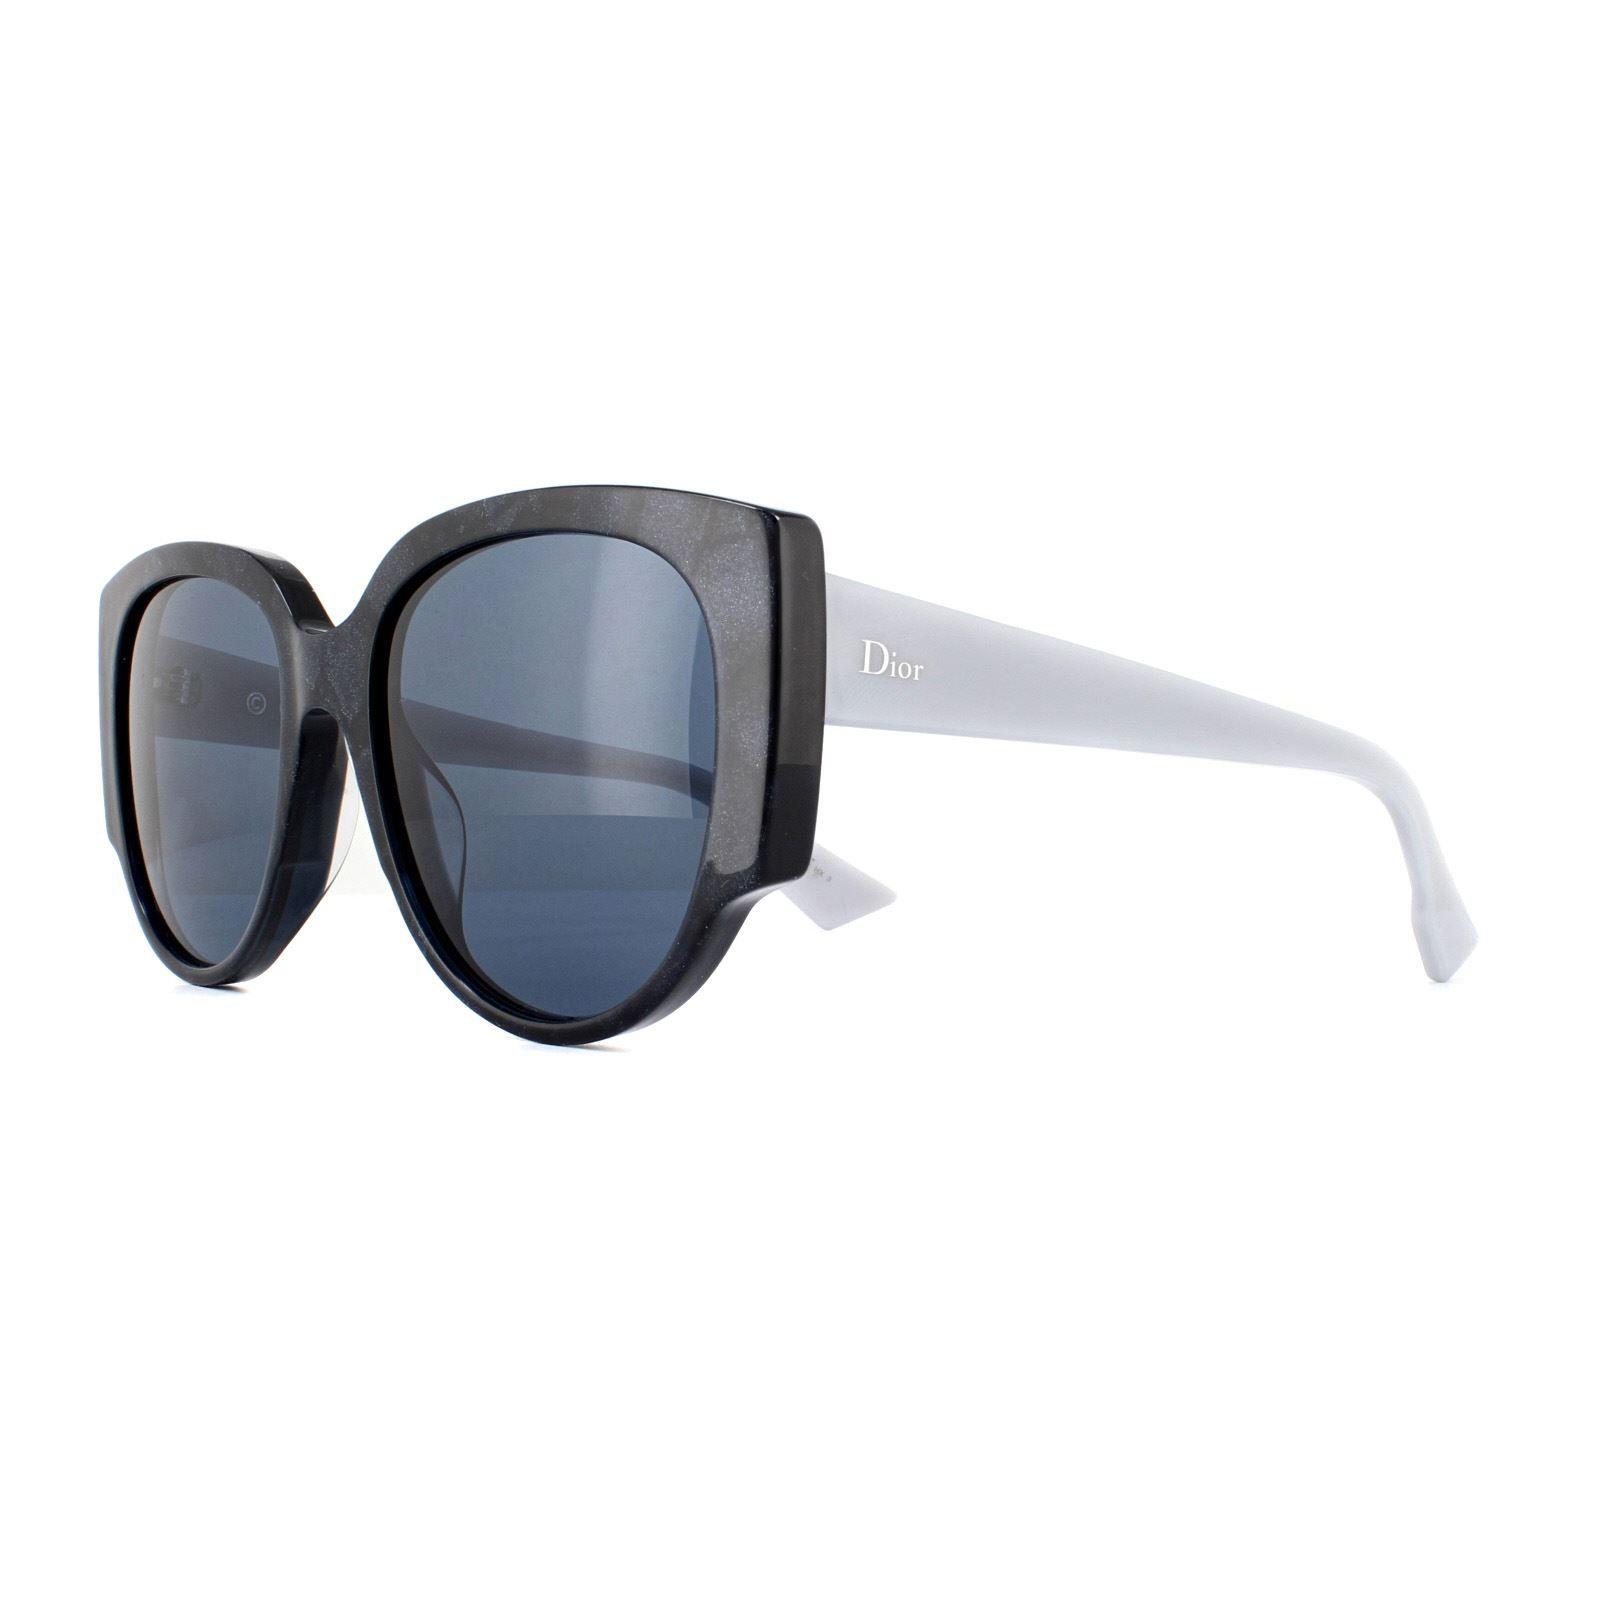 Dior Sunglasses Dior Night1 RIU 72 Blue Blue